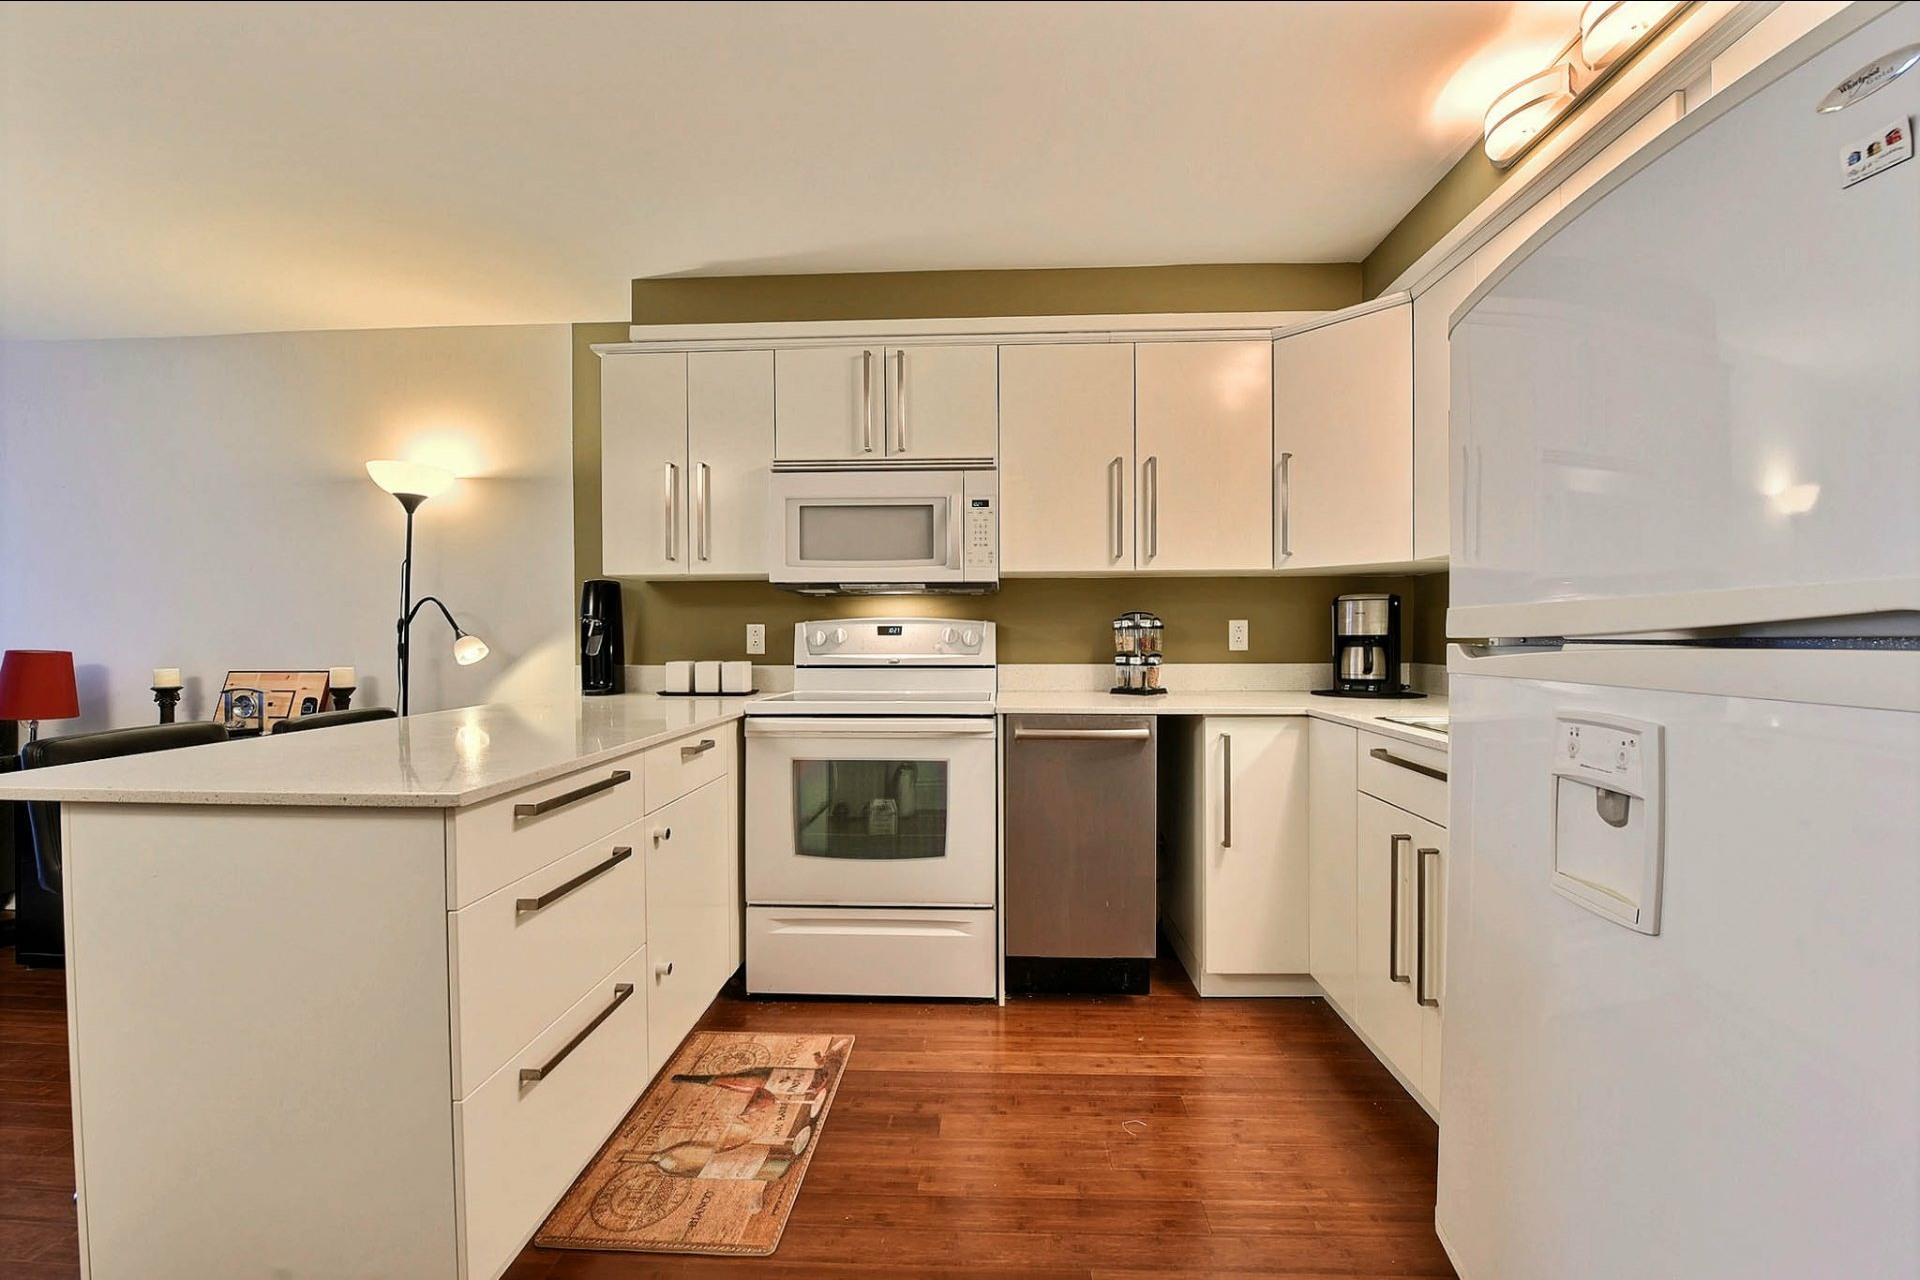 image 10 - Apartment For sale Montréal Mercier/Hochelaga-Maisonneuve  - 5 rooms